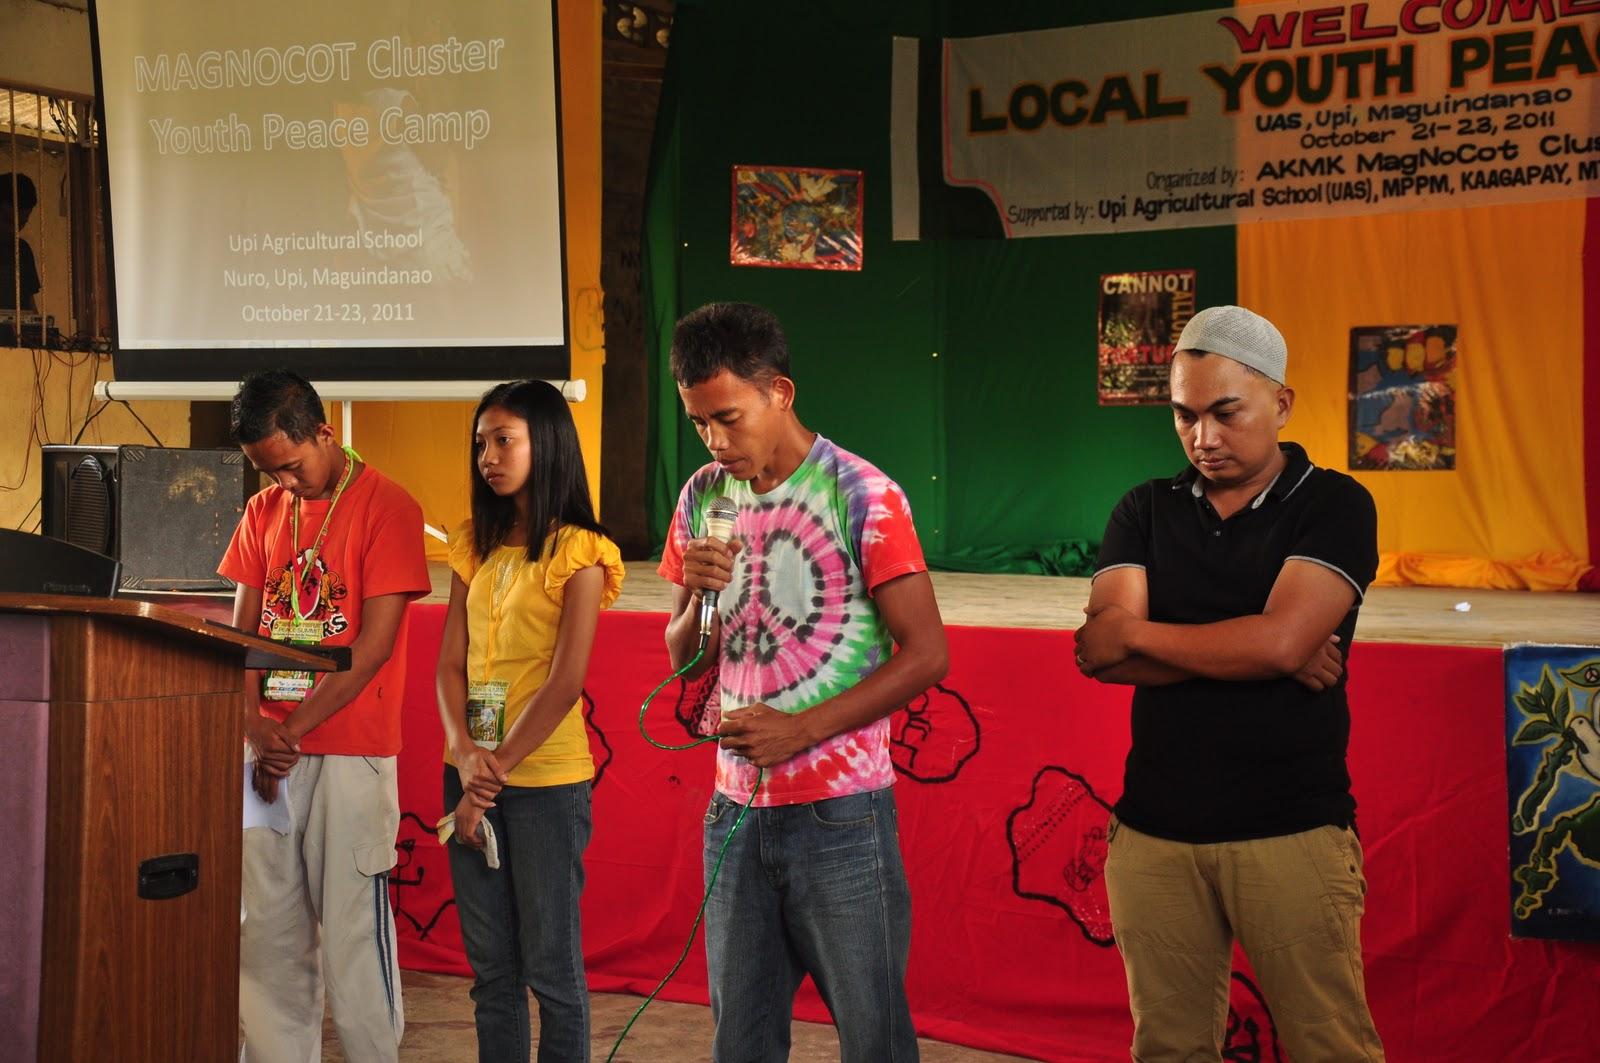 Opisyal na Deklarasyong Pangkapayapaan ng mga Kabataan ng Maguindanao